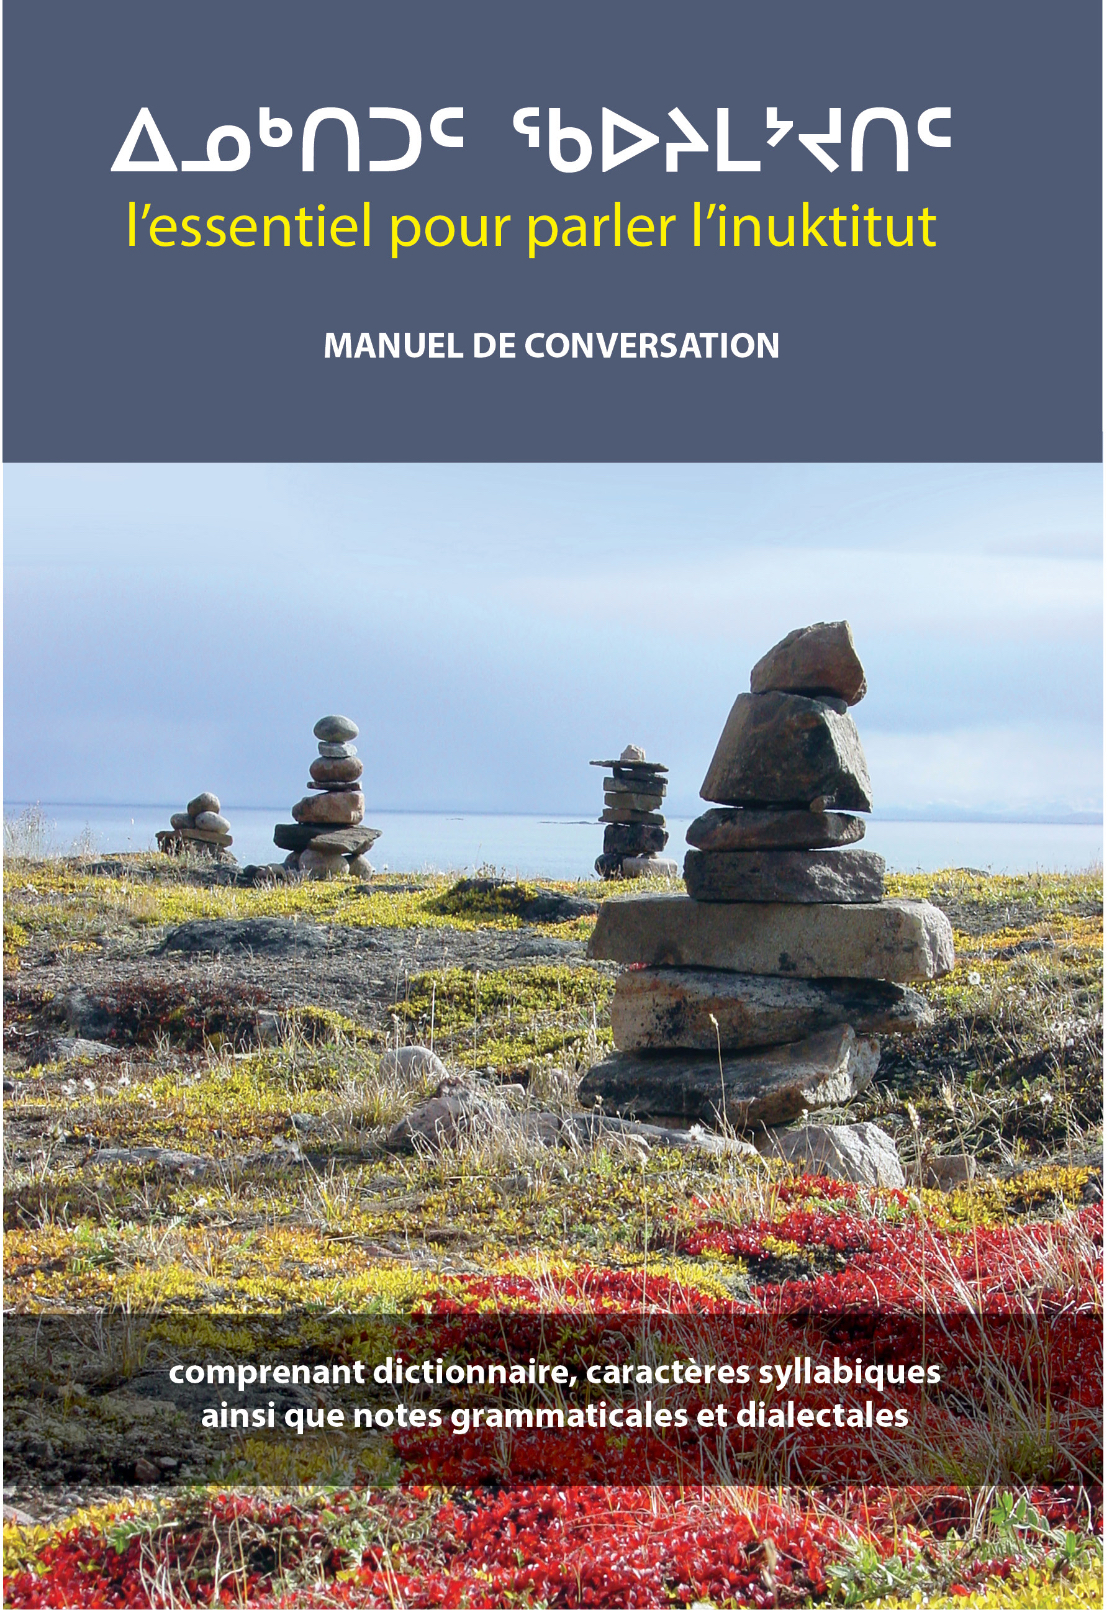 ᐃᓄᒃᑐᑦ ᖃᐅᔨᒪᔾᔪᑎᑦ L'essentiel pour parler l'Inuktut - Ce manuel de conversation te fournira des mots et expressions utiles que vous pourrez utiliser dans diverses situations. Avec plus de 1 000 termes et expressions et un mini-dictionnaire.166 pagesPrice: $35